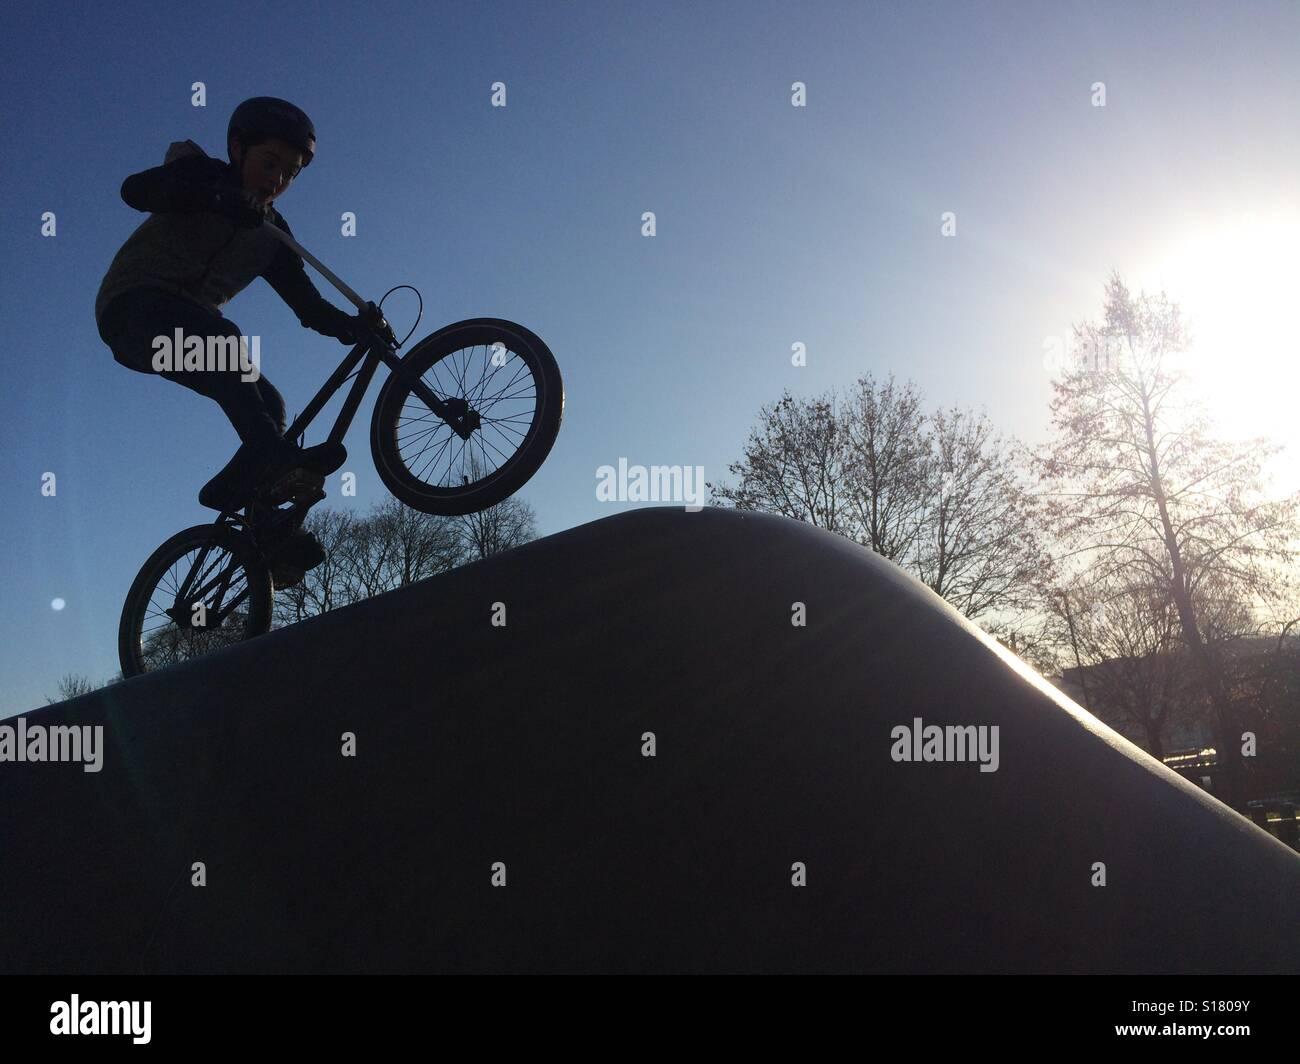 Stunt-Biker Skate Board Park Bad Avon Stockbild